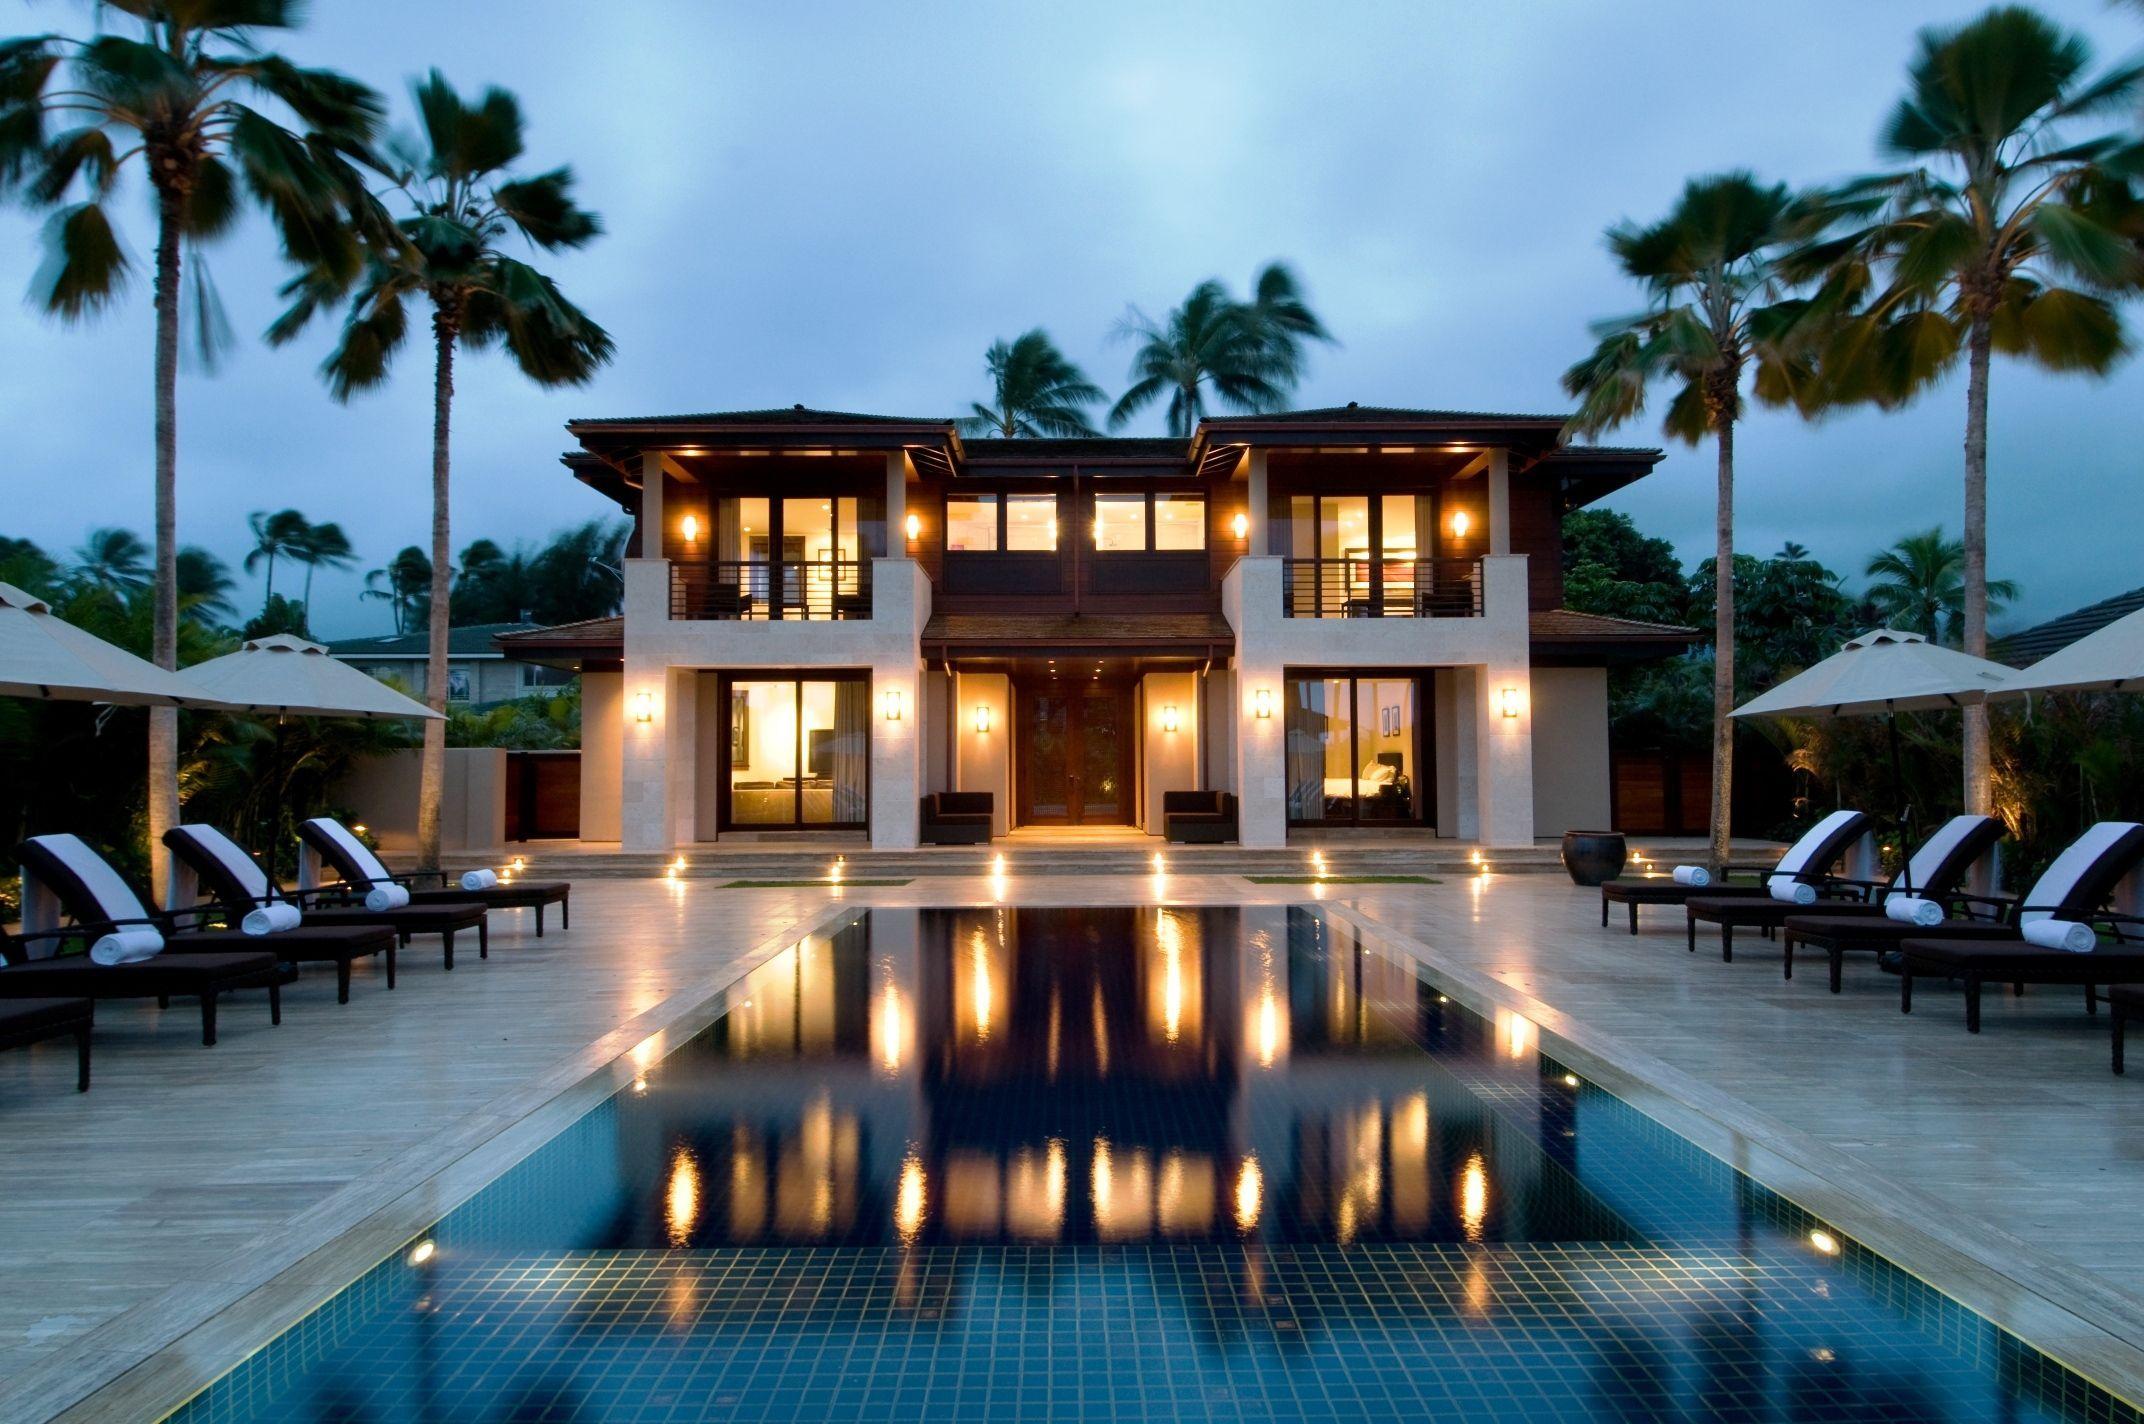 Hawaiian Houses On Beach Hawaii Vacation Als Luxury Homes